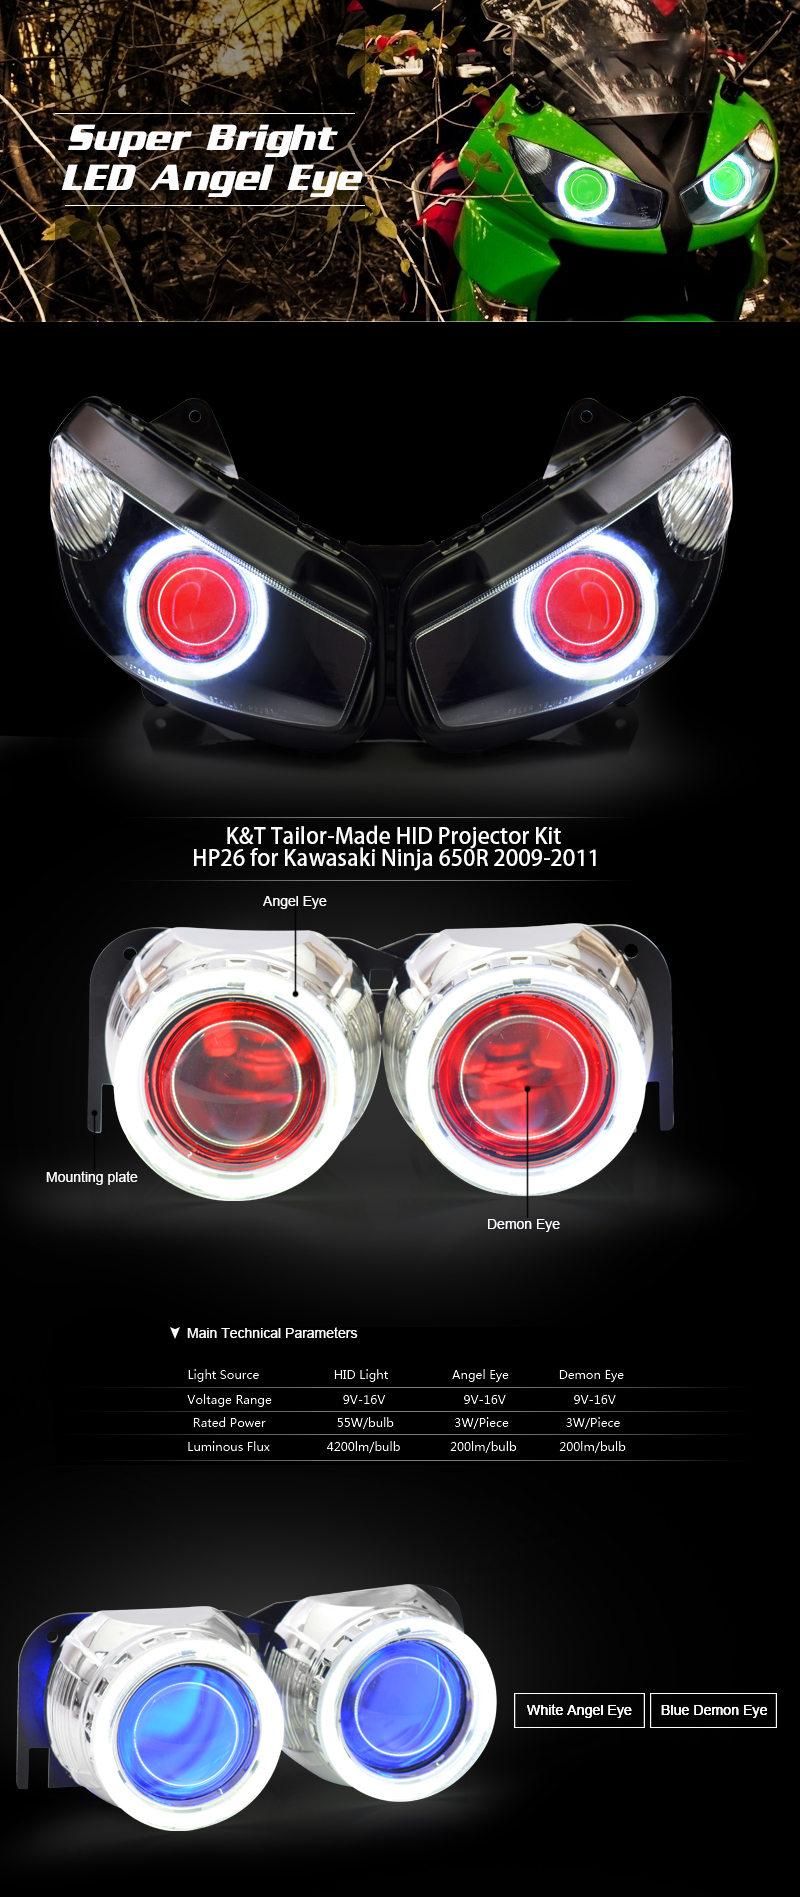 Kawasaki Ninja 650r Hid Projector Kit 2009 2010 2011 Wiring Harness